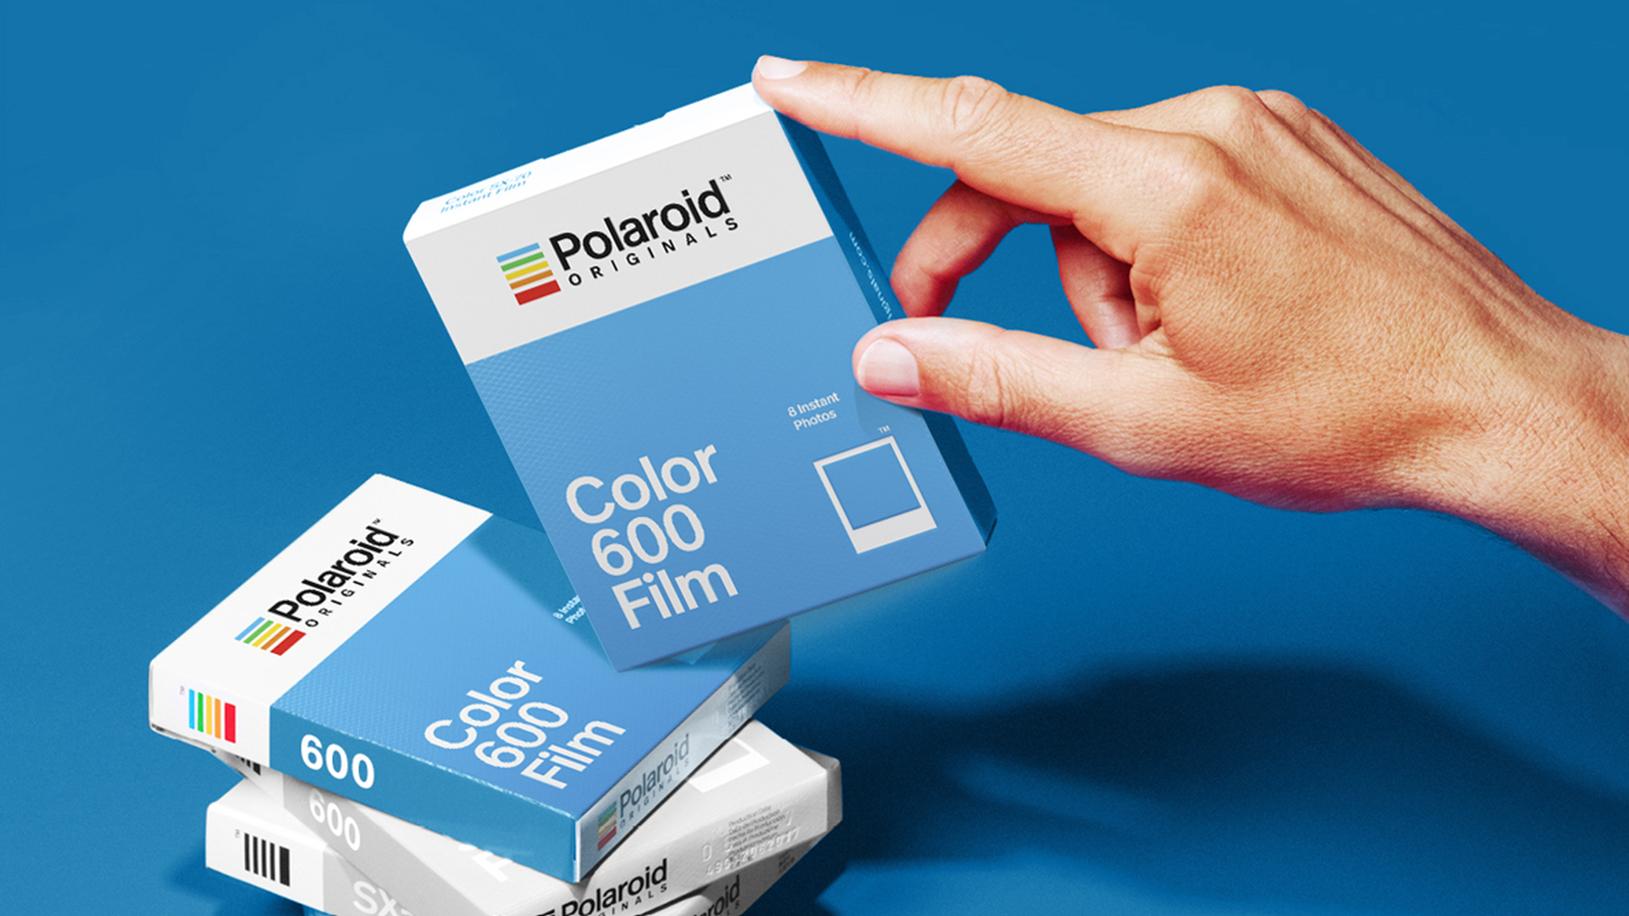 Polaroid Pellicole Serie 600